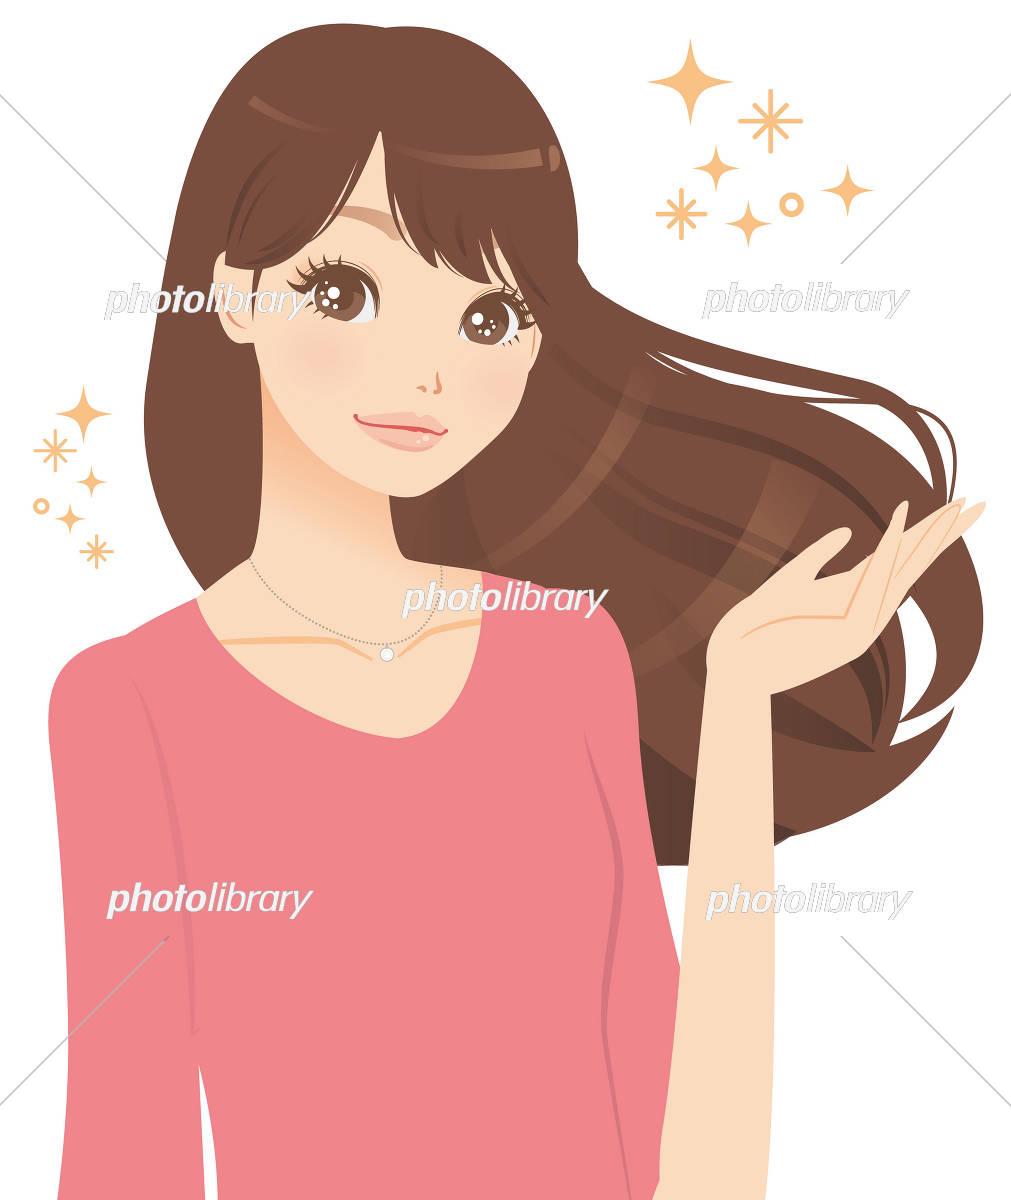 きれいな髪の女性 イラスト素材 3236459 フォトライブラリー